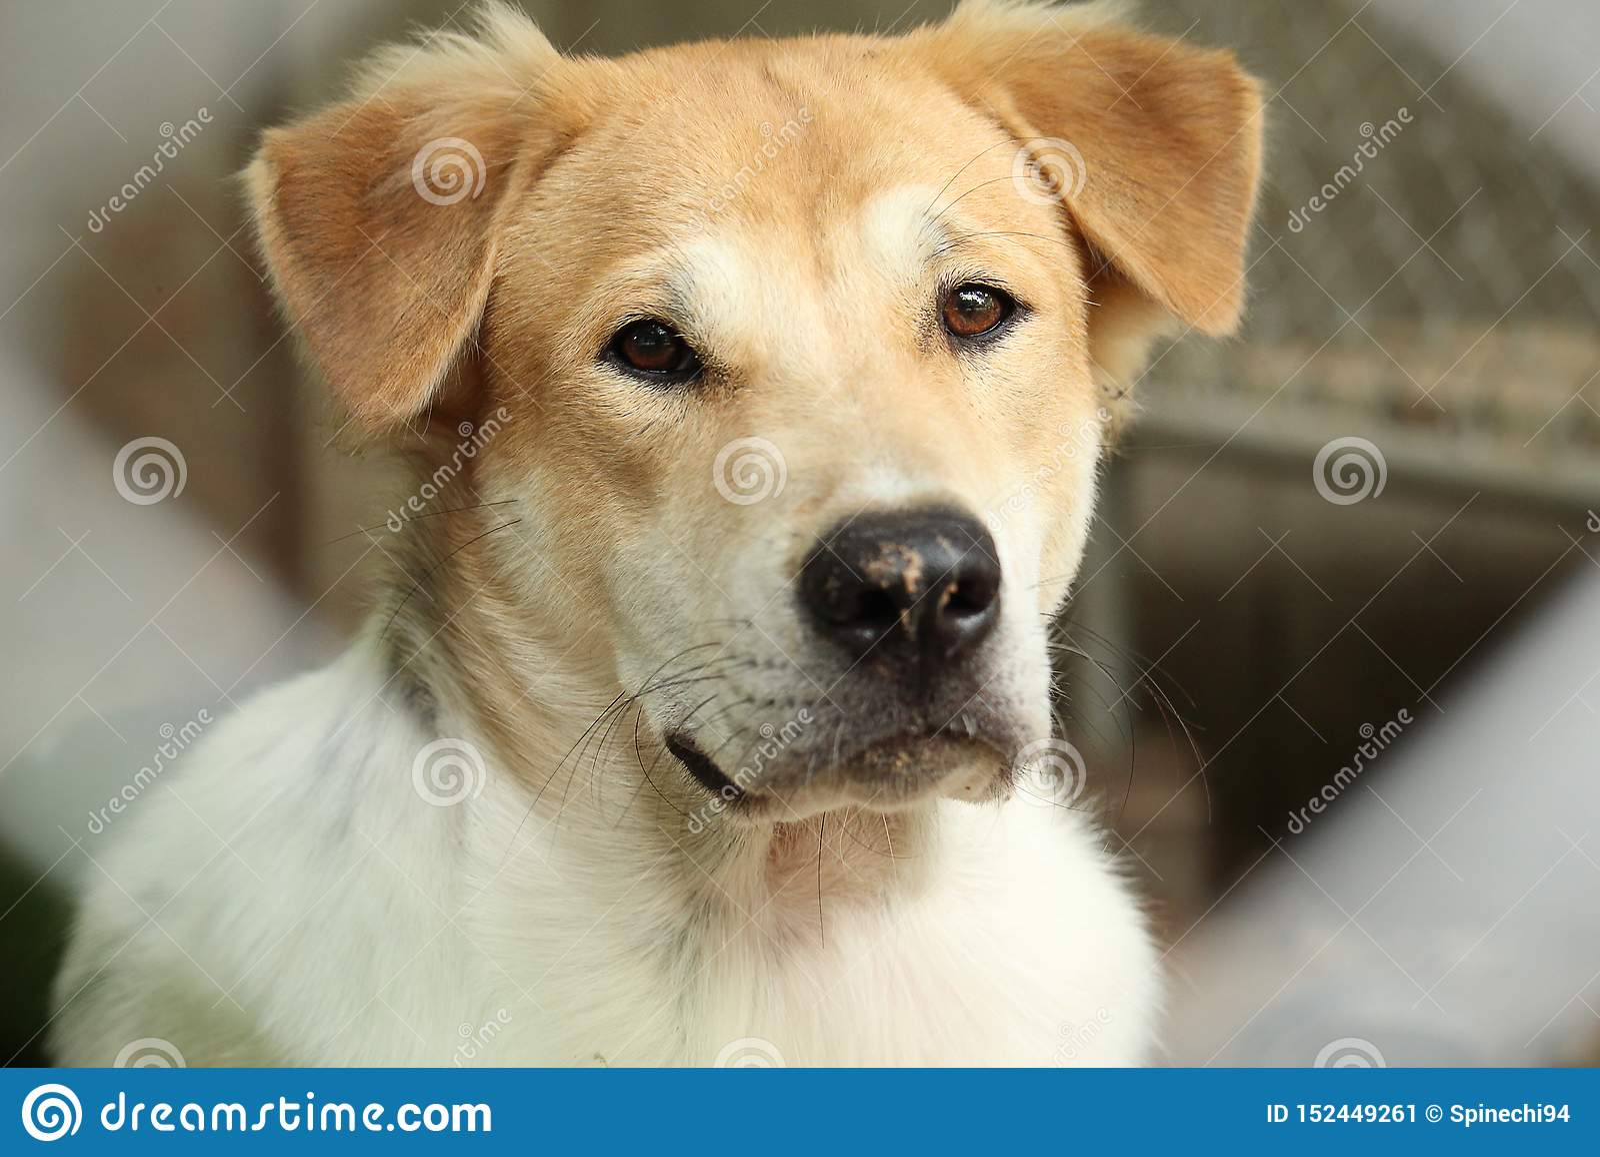 室外美丽的幼小泰国的狗的接近的顶头口鼻部